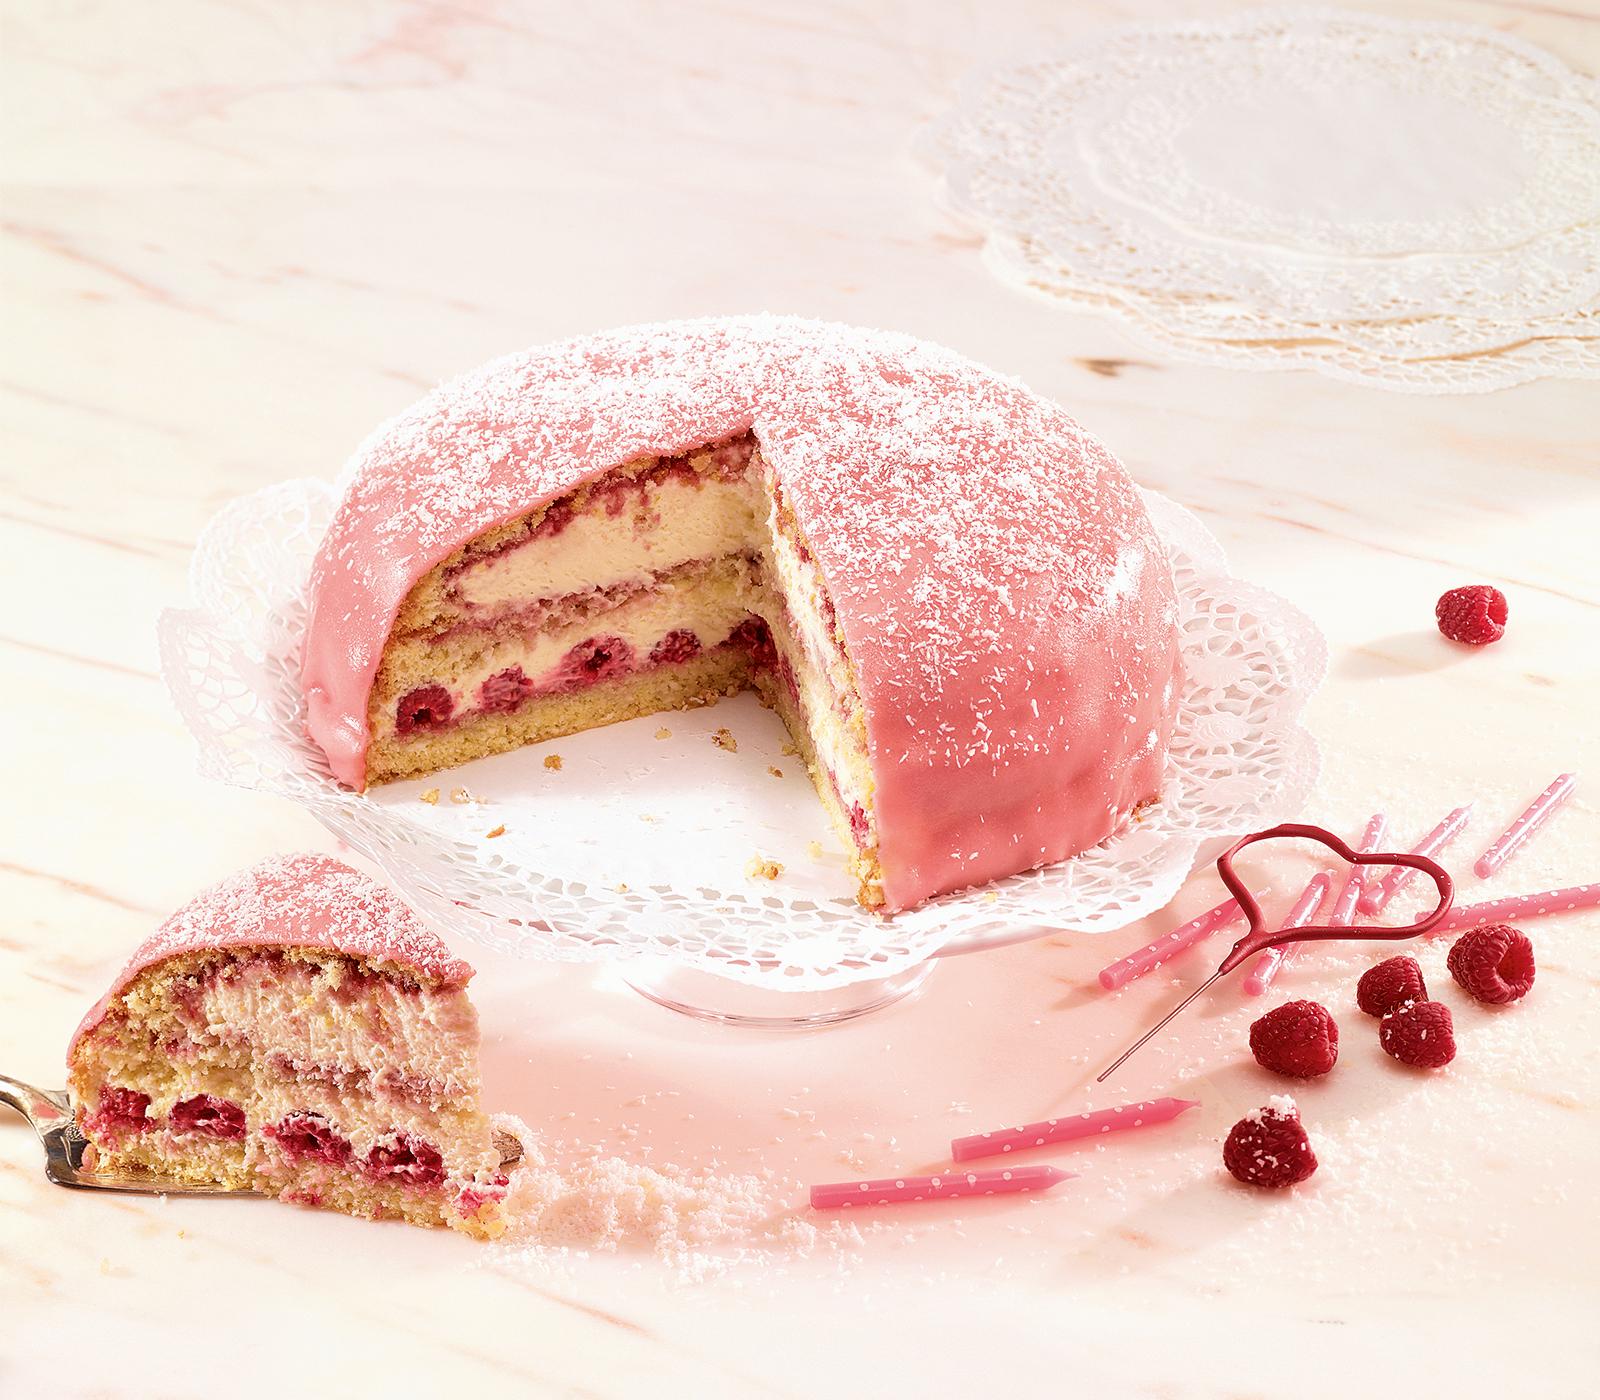 Himbeer Kokosnuss Torte A La Prinzessinen Torte Annemarie